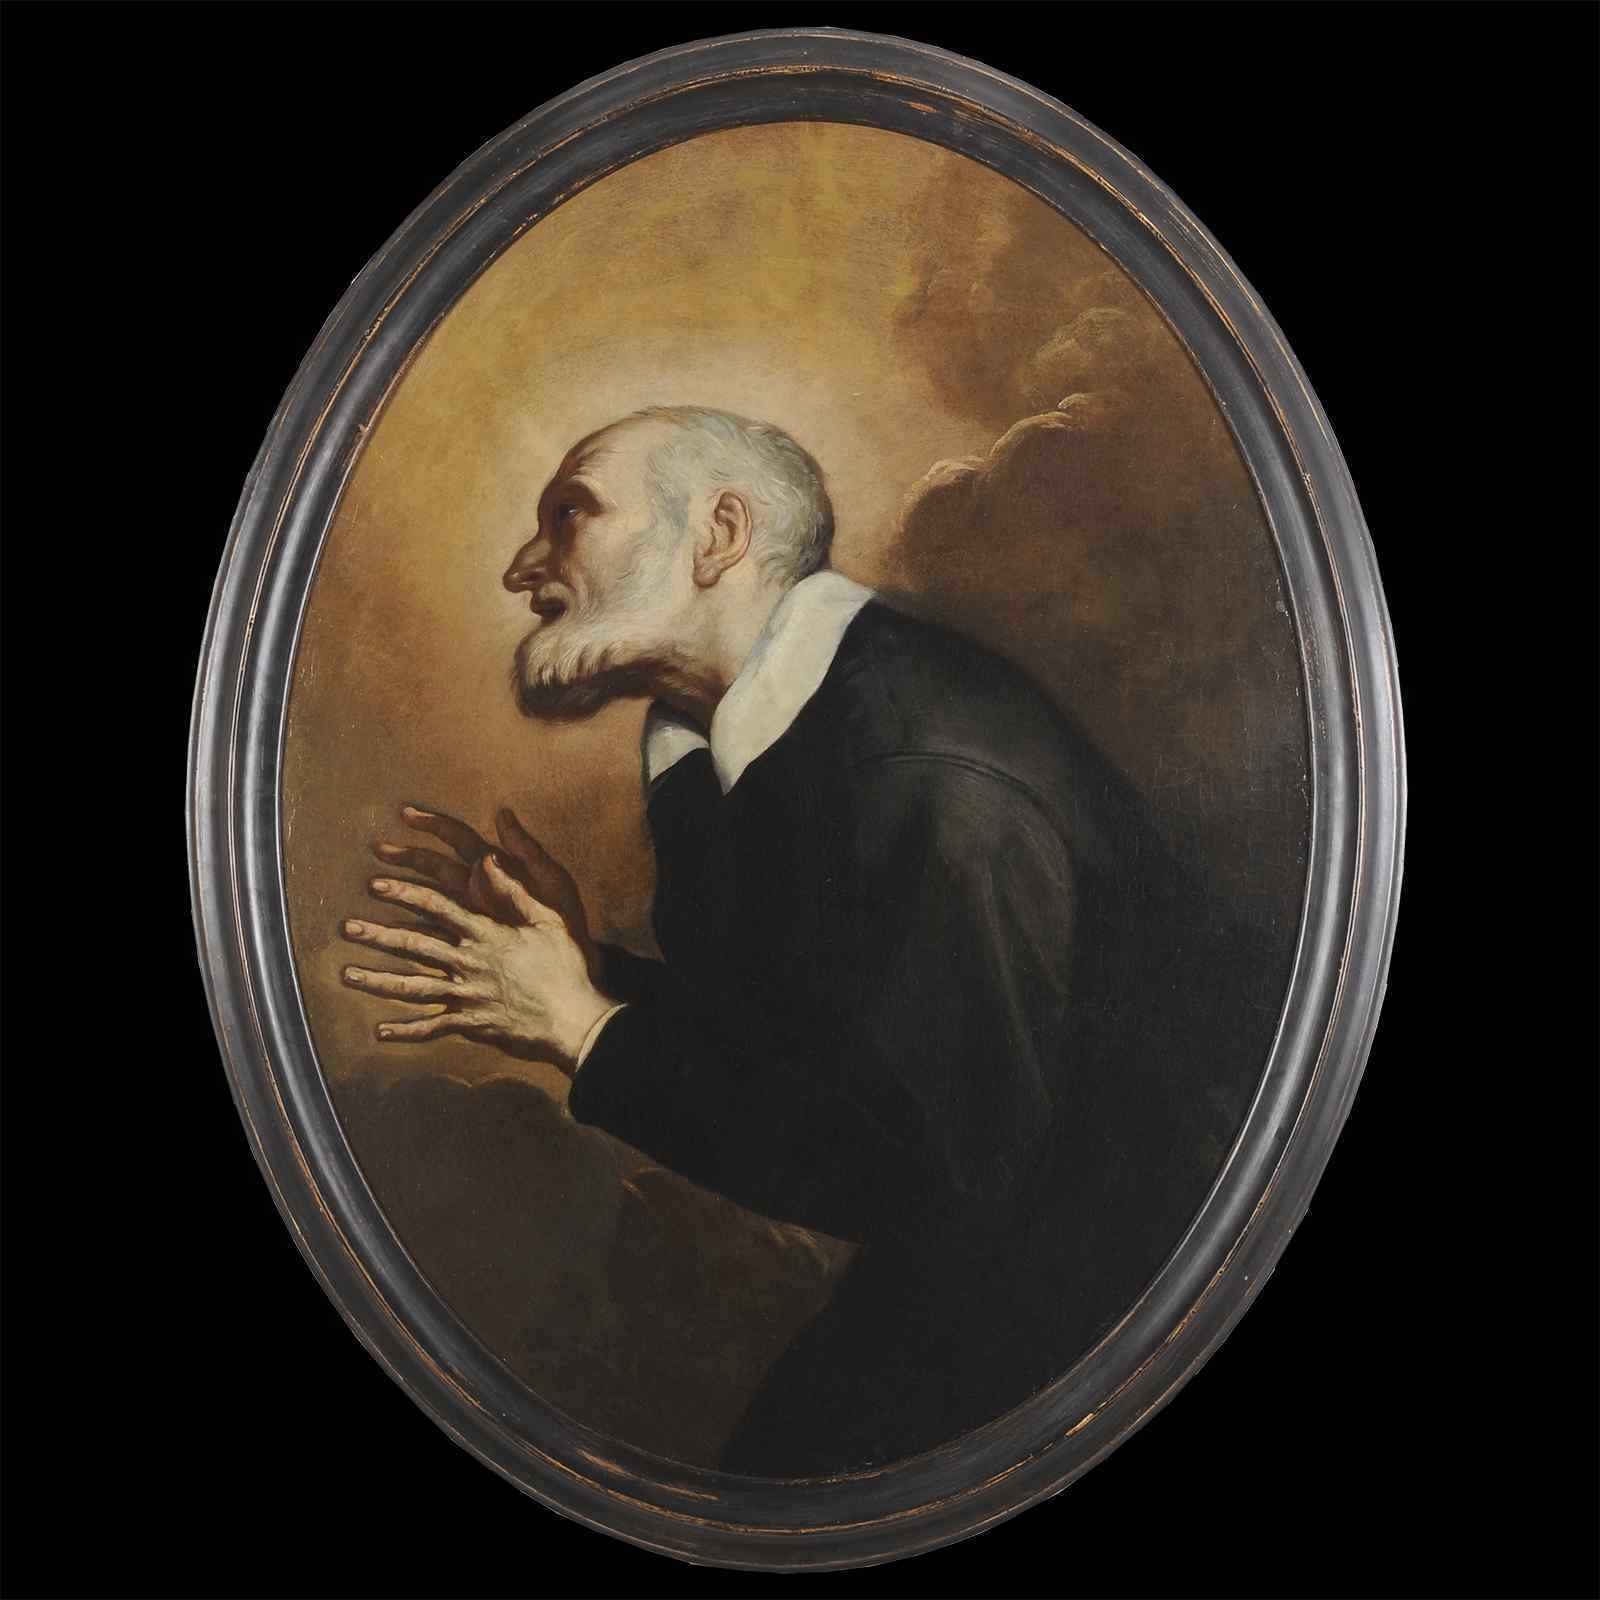 Ritratto di San Vincenzo da Paola, scuola francese